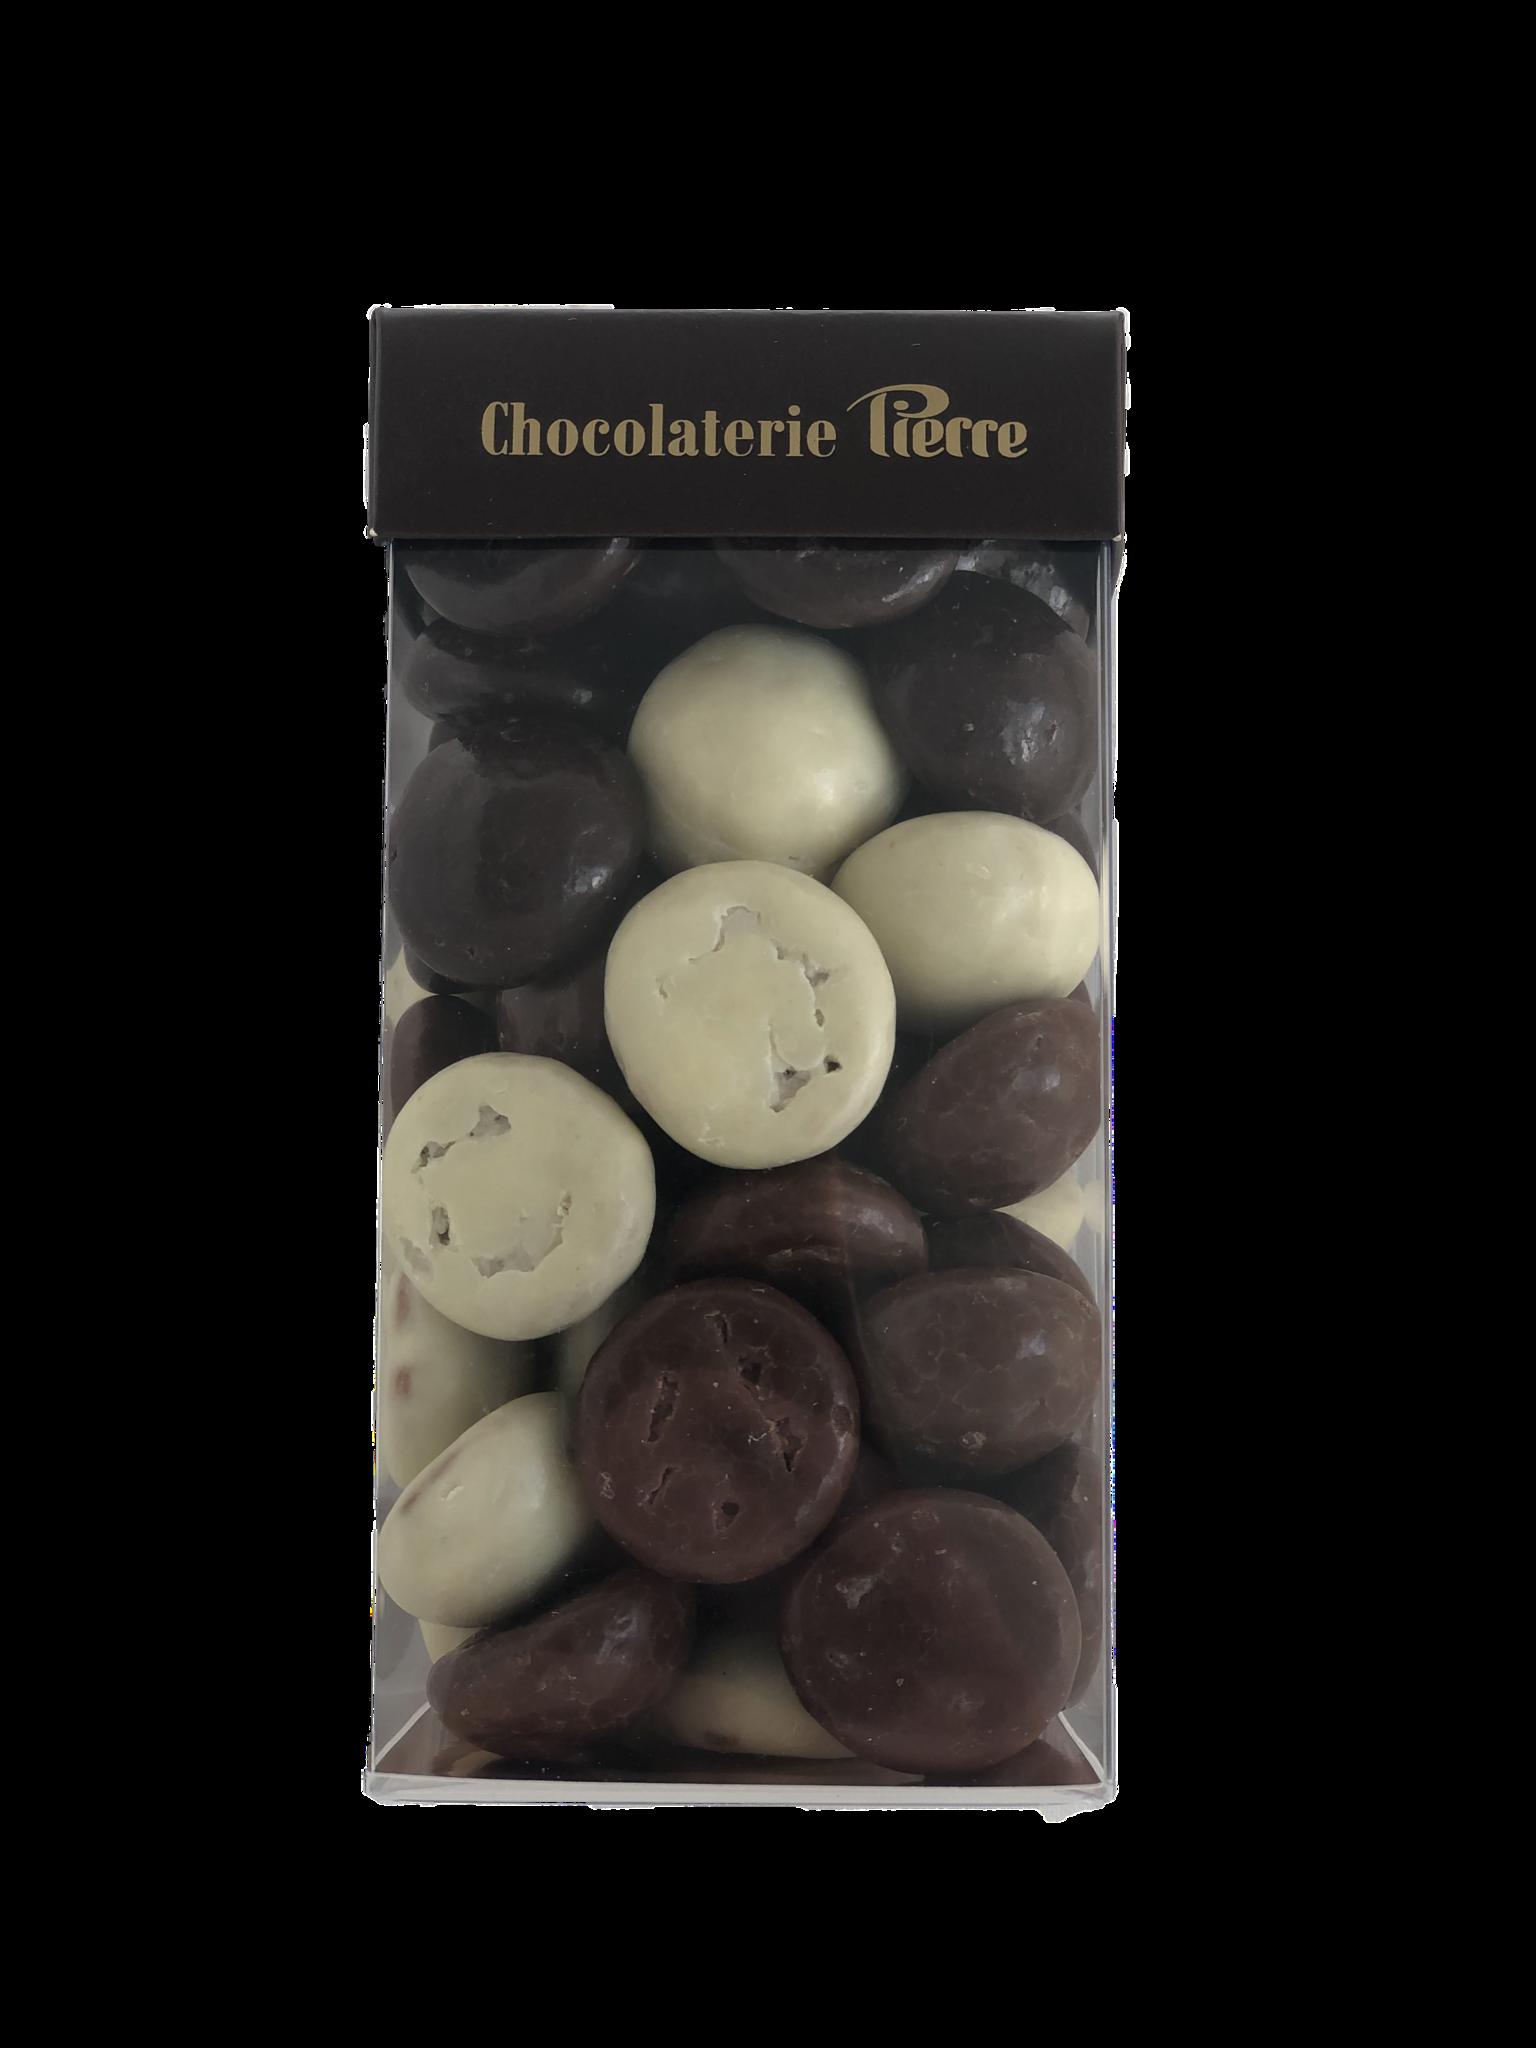 Chocolade kruidnoten, lekkernij voor Sinterklaas!